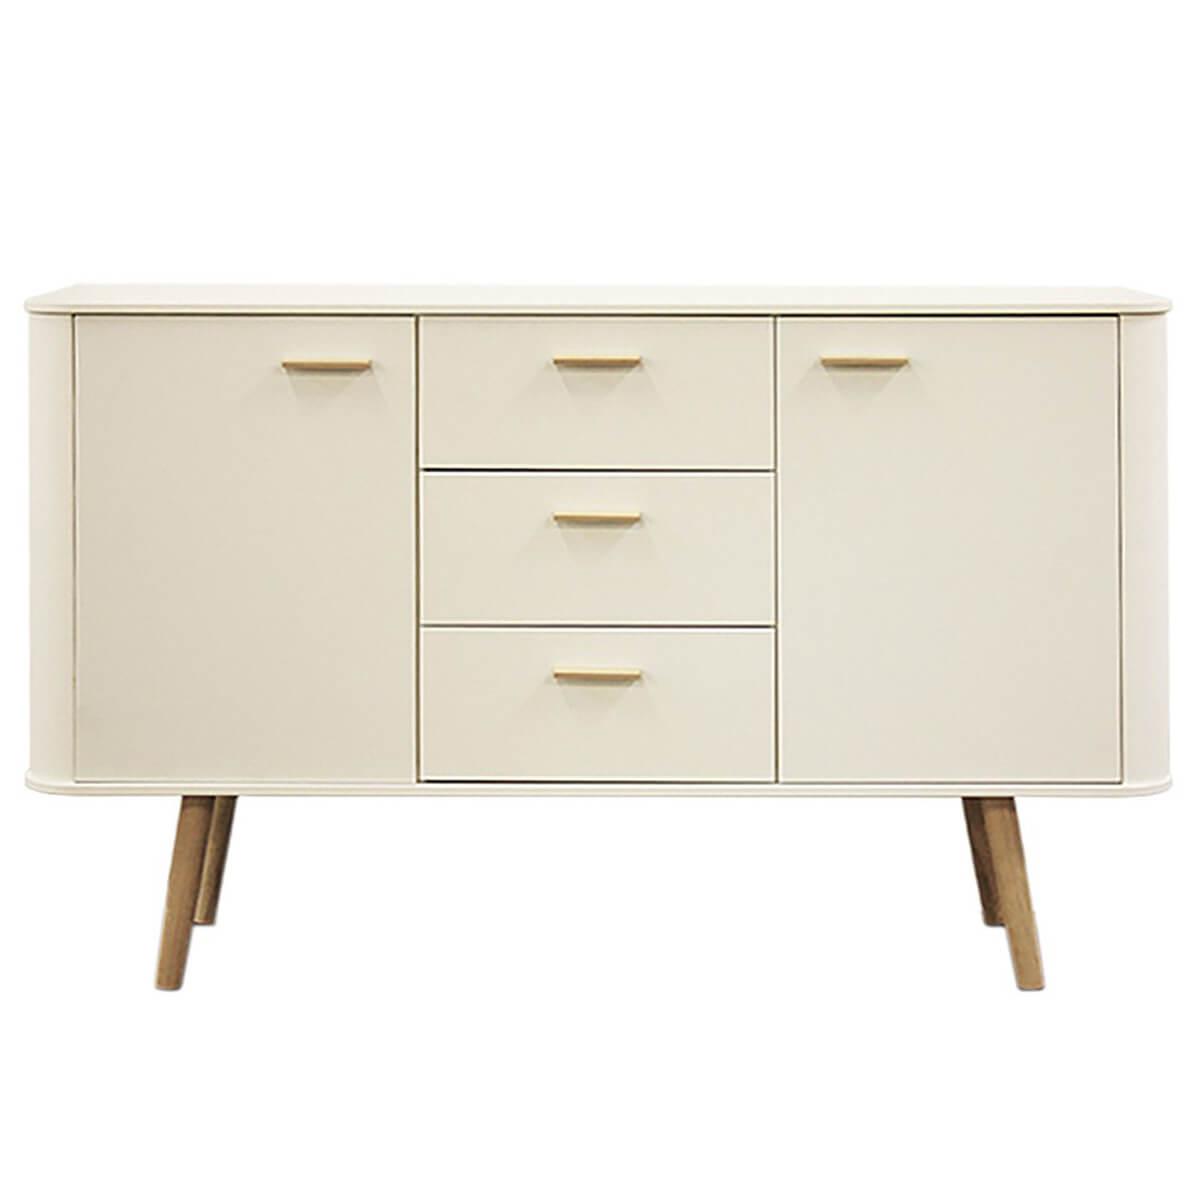 Piano Sideboard Scandinavian Style White With Oak Legs